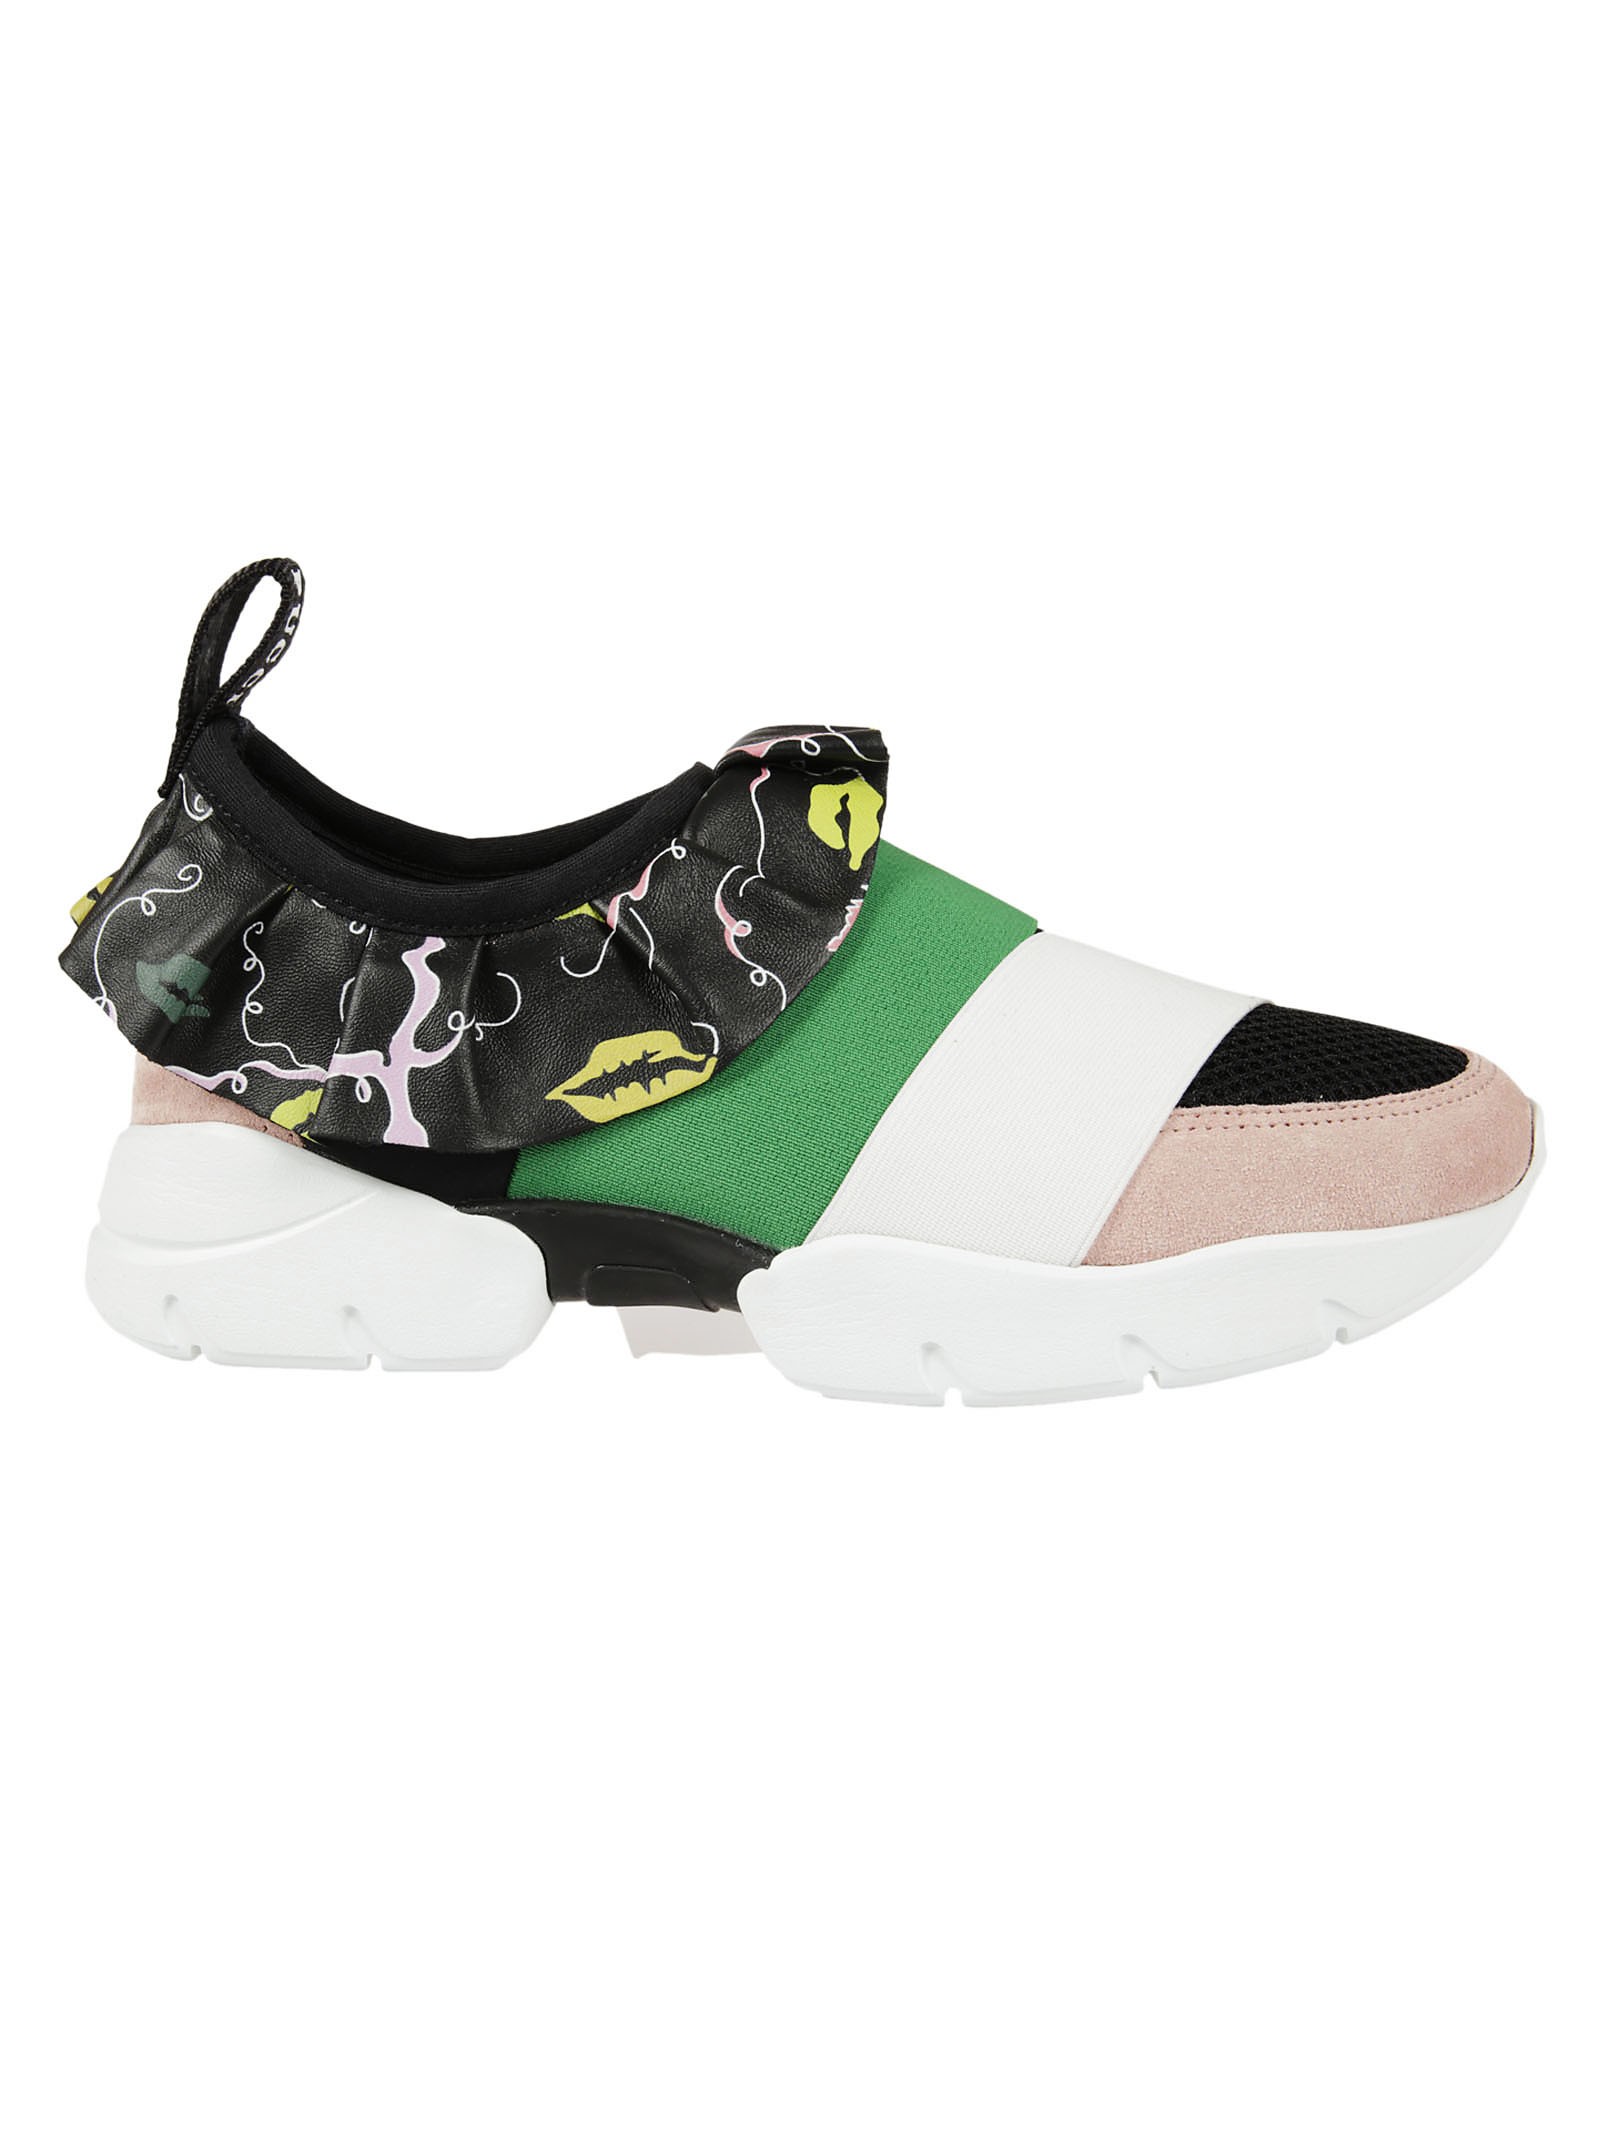 Emilio Pucci Emilio Pucci Ruffled Detail Sneakers